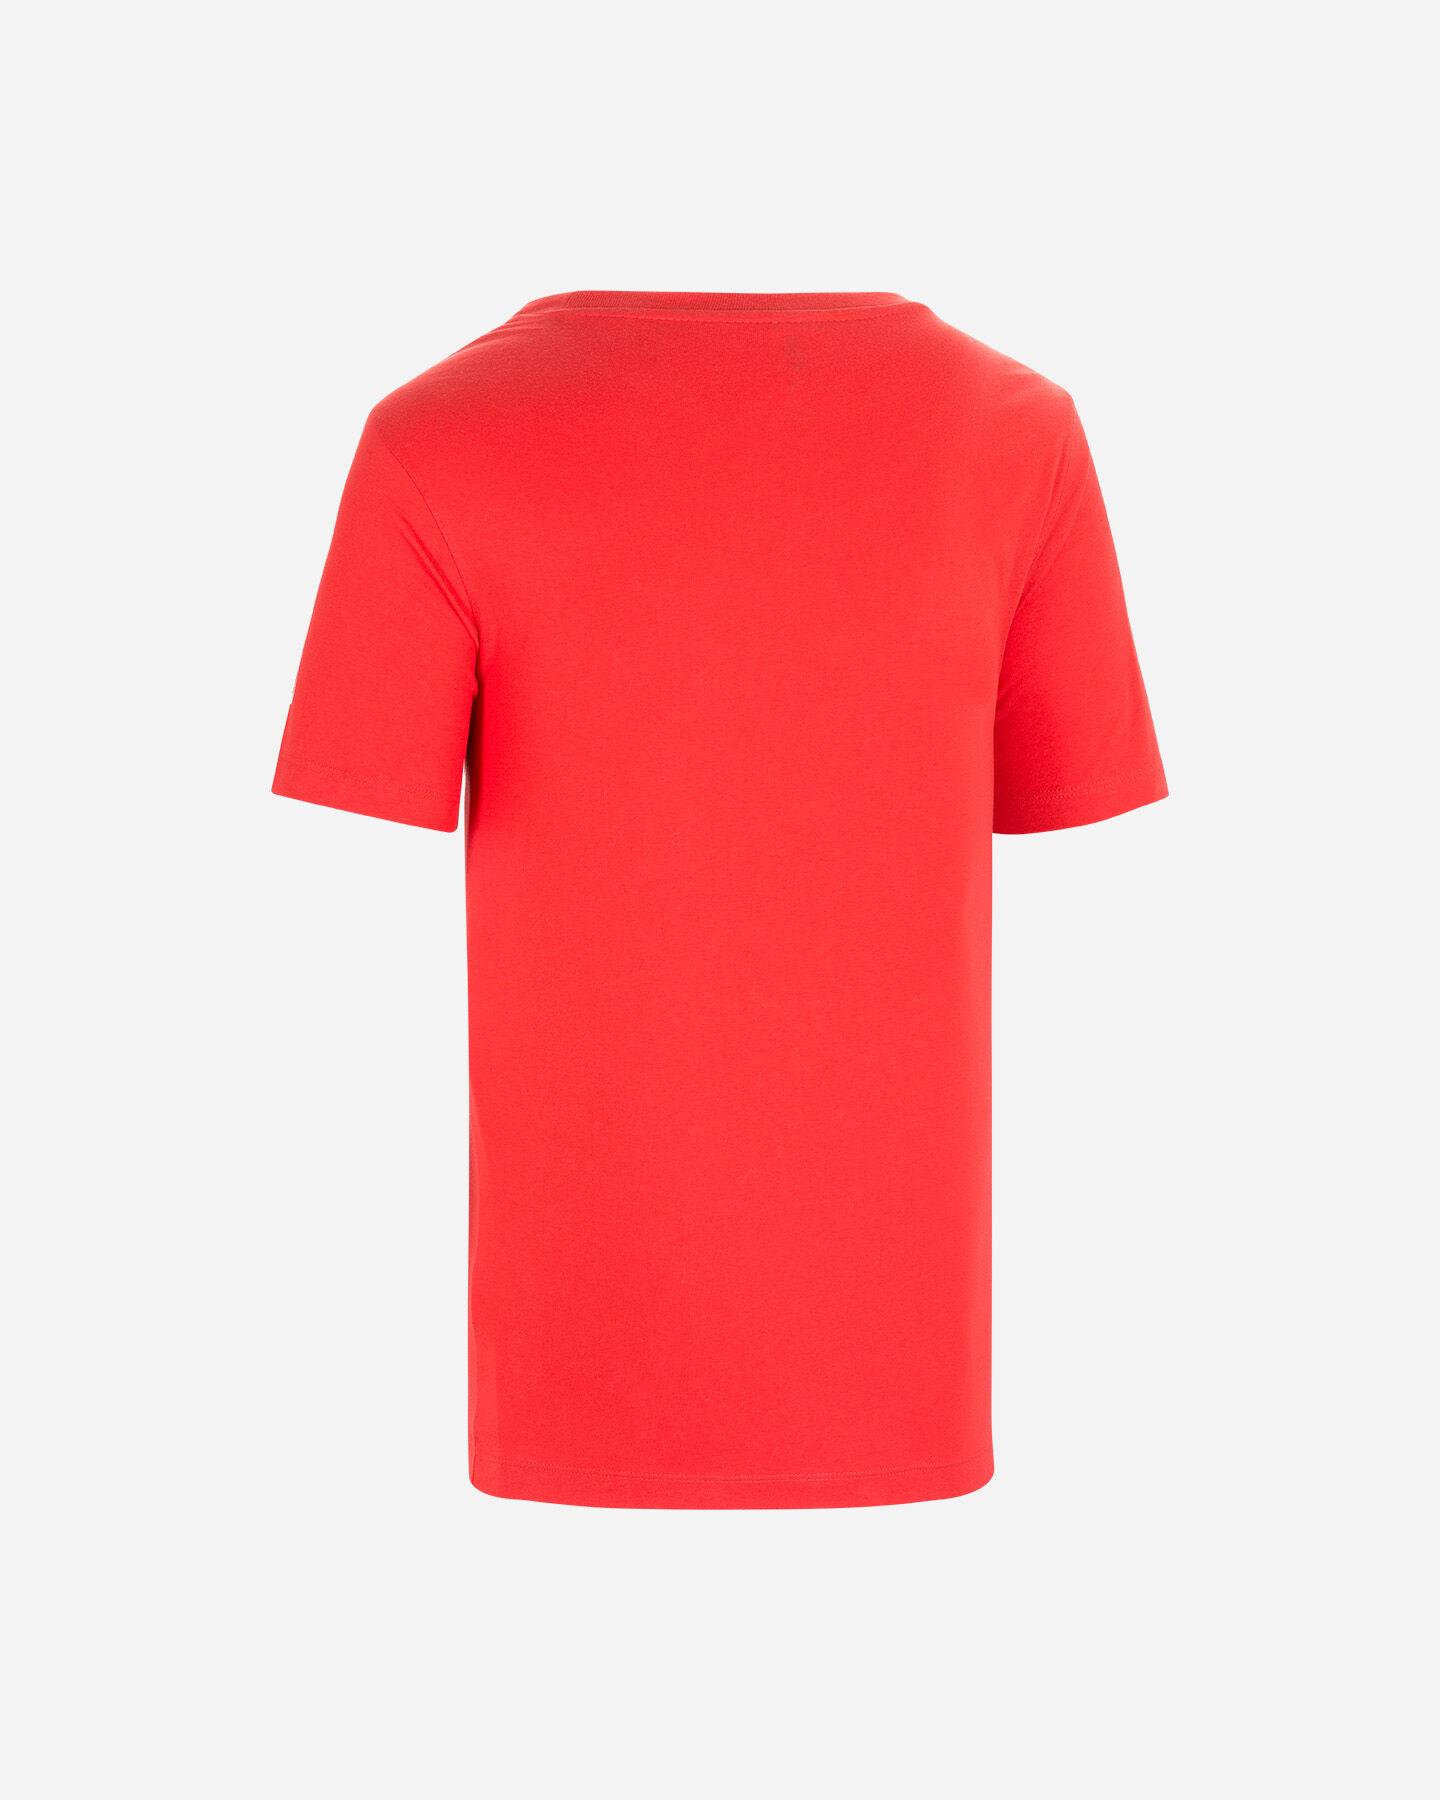 T-Shirt tennis WILSON T-SHIRT WILSON MBELA TECH RED M S5294969 scatto 1